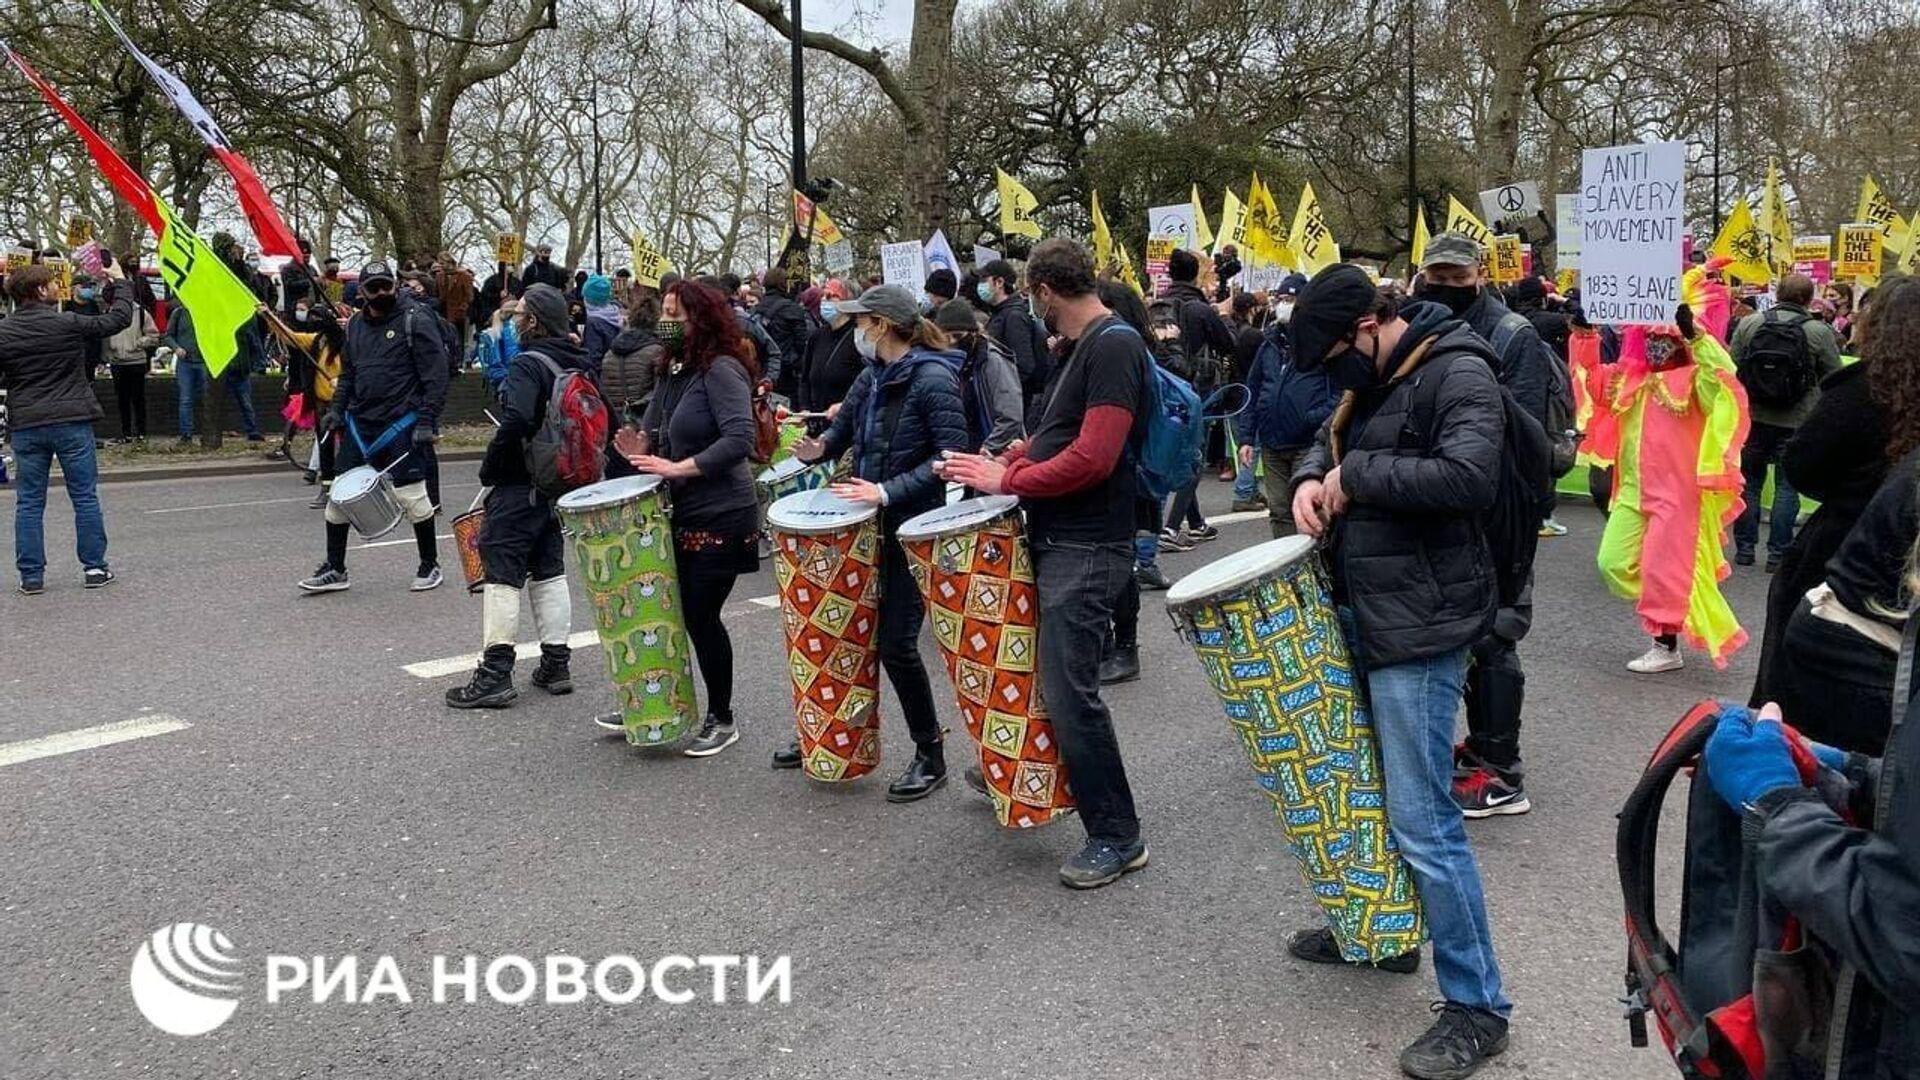 Митинг против закона о расширении полномочий сотрудников правоохранительных органов проходит в Гайд-парке, Лондон - РИА Новости, 1920, 04.04.2021